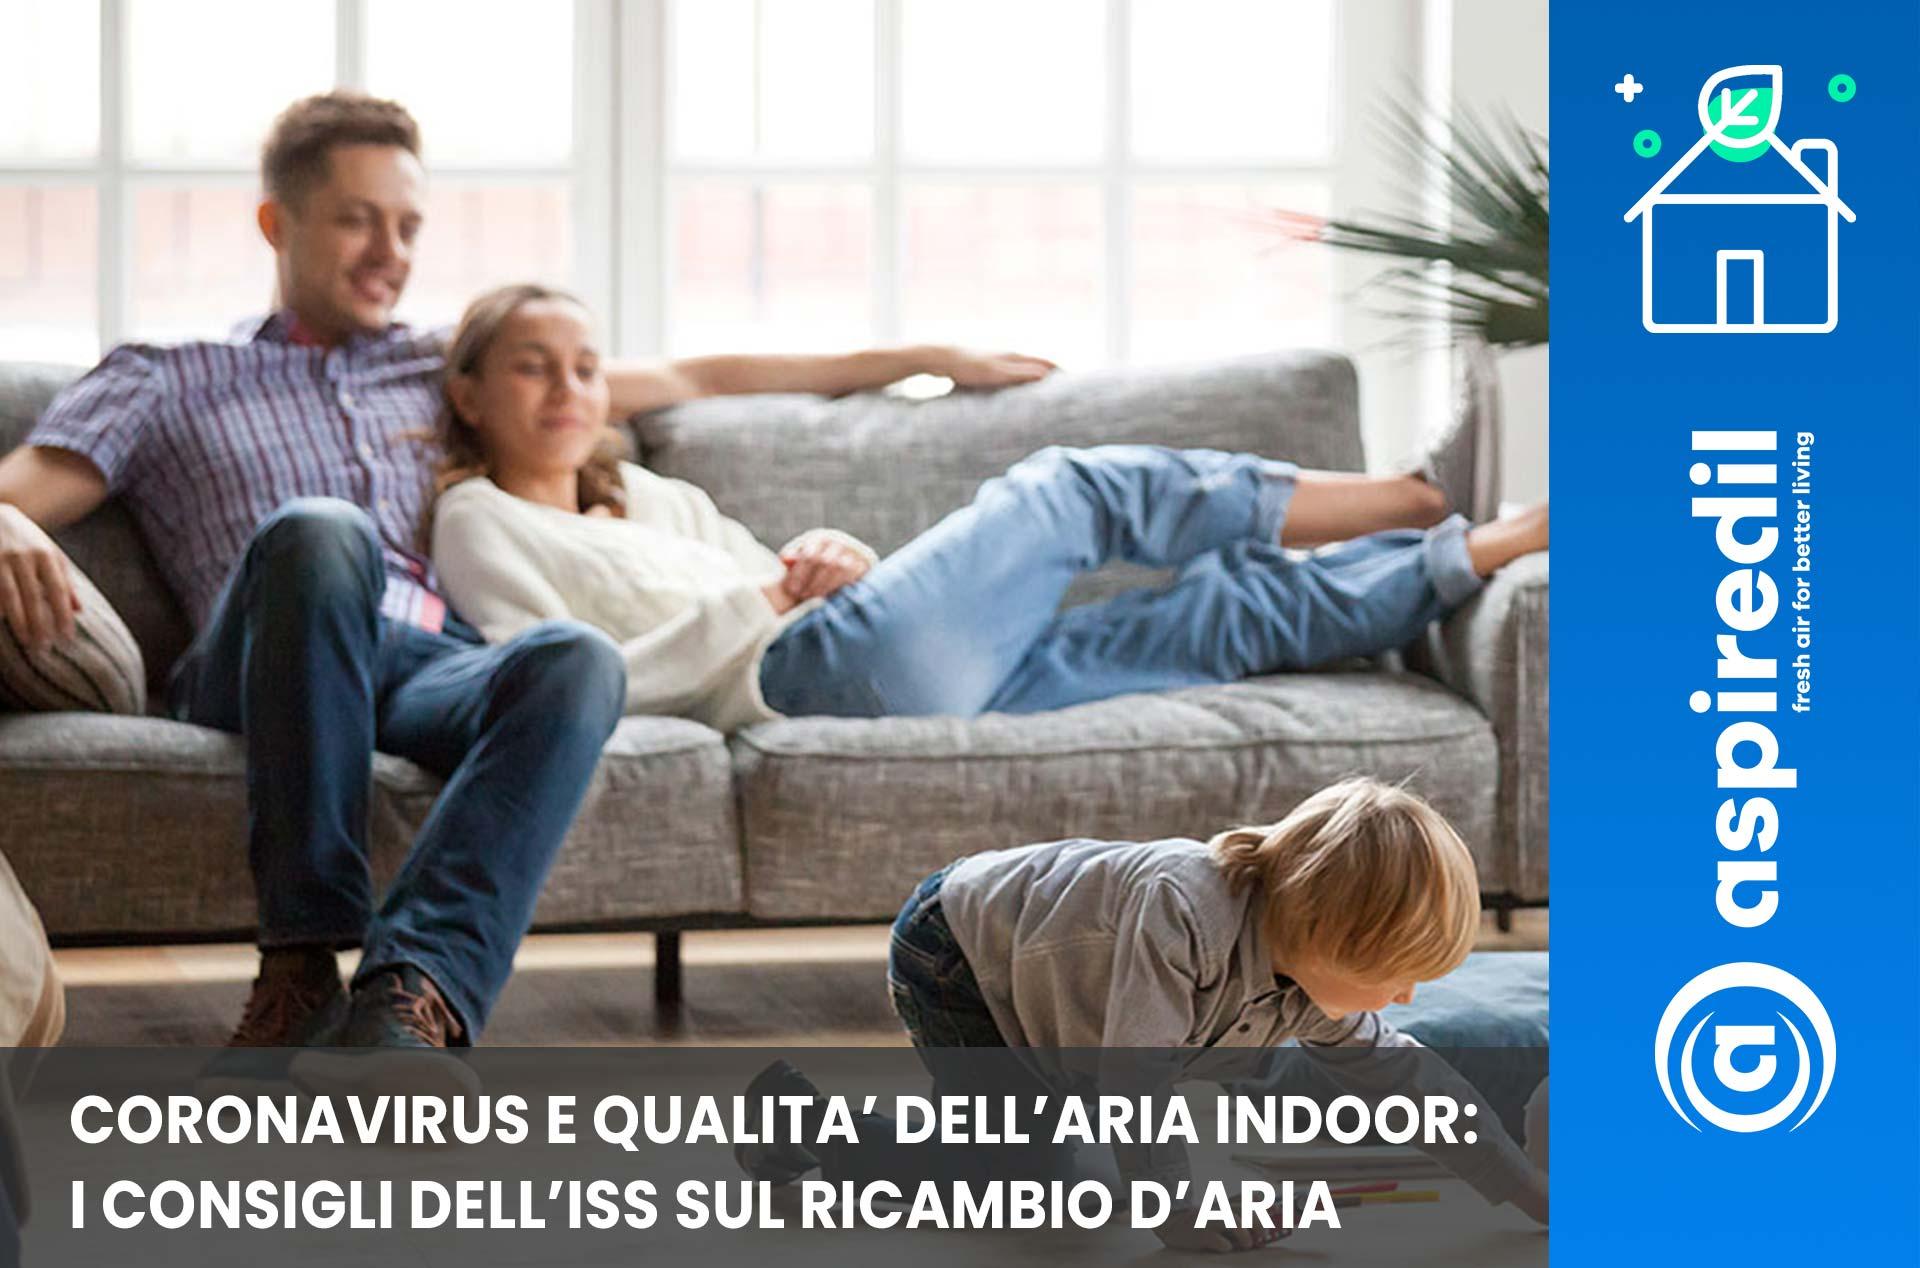 Consigli ISS su gestione qualita' aria indoor, pulizie casa, ricambio aria coronavirus